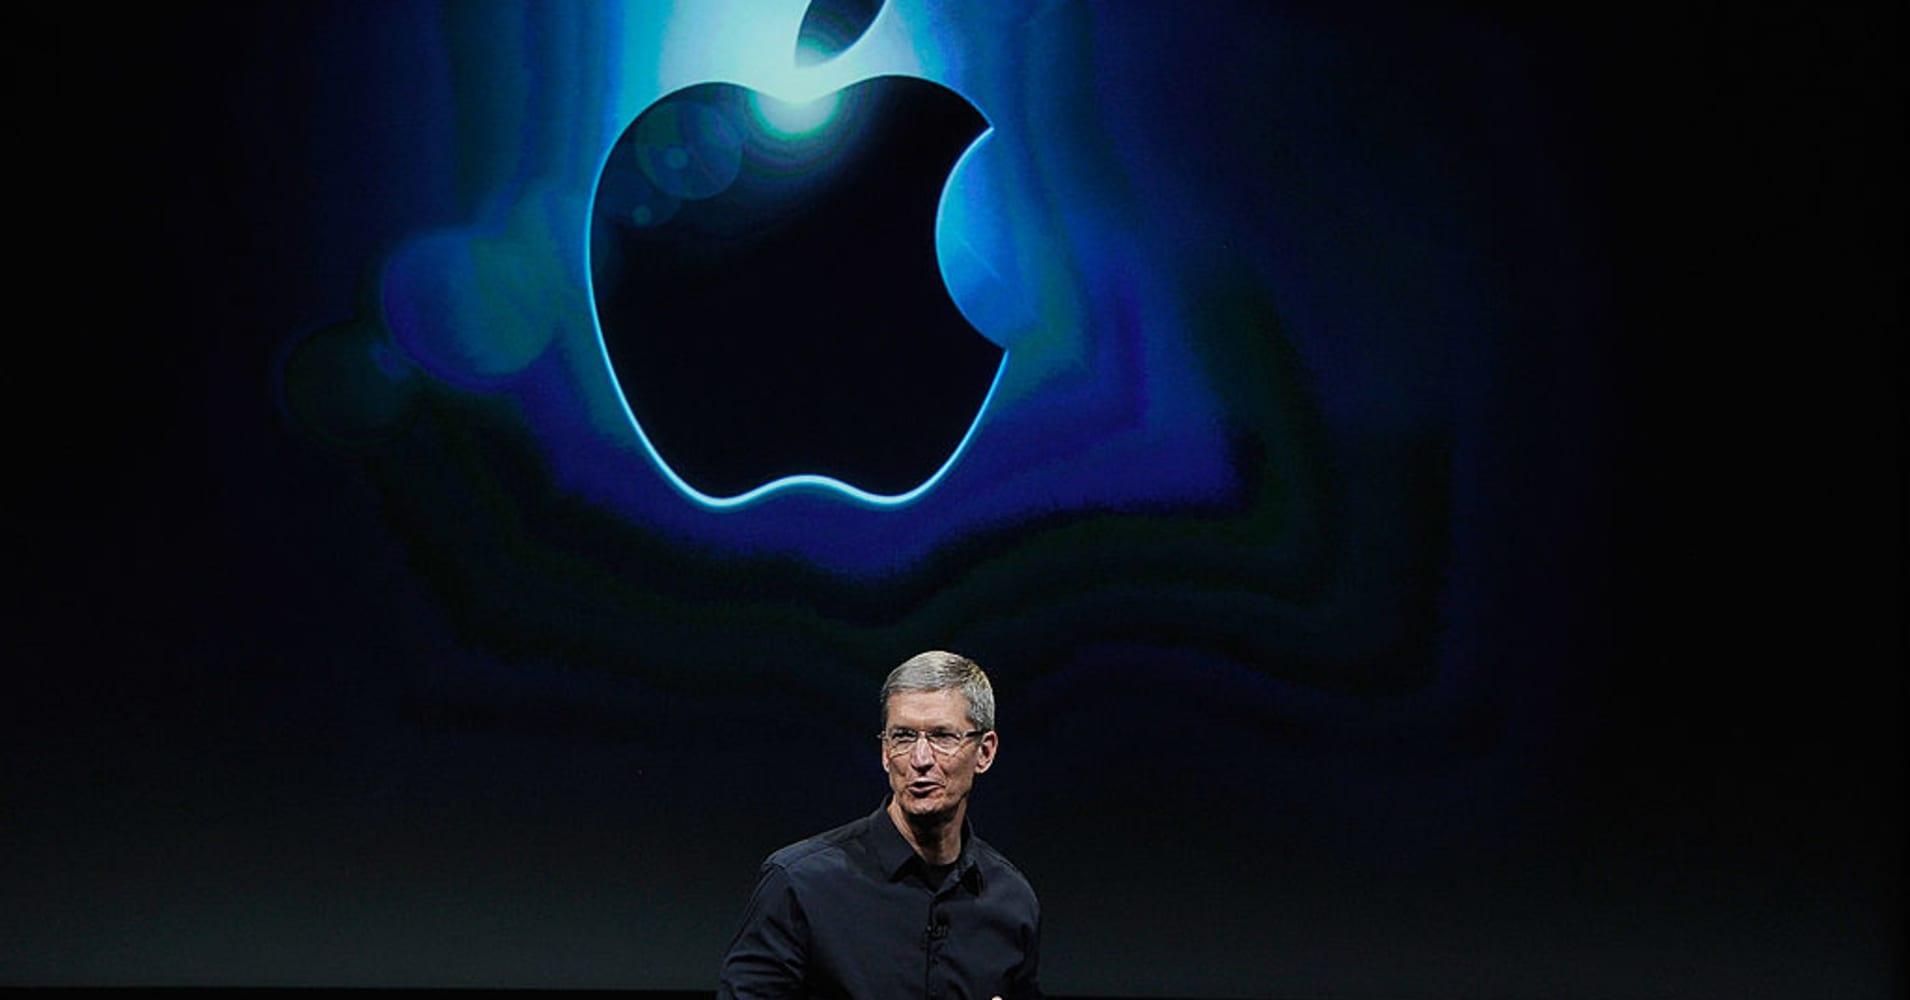 126203293PW014_New_Apple_CE